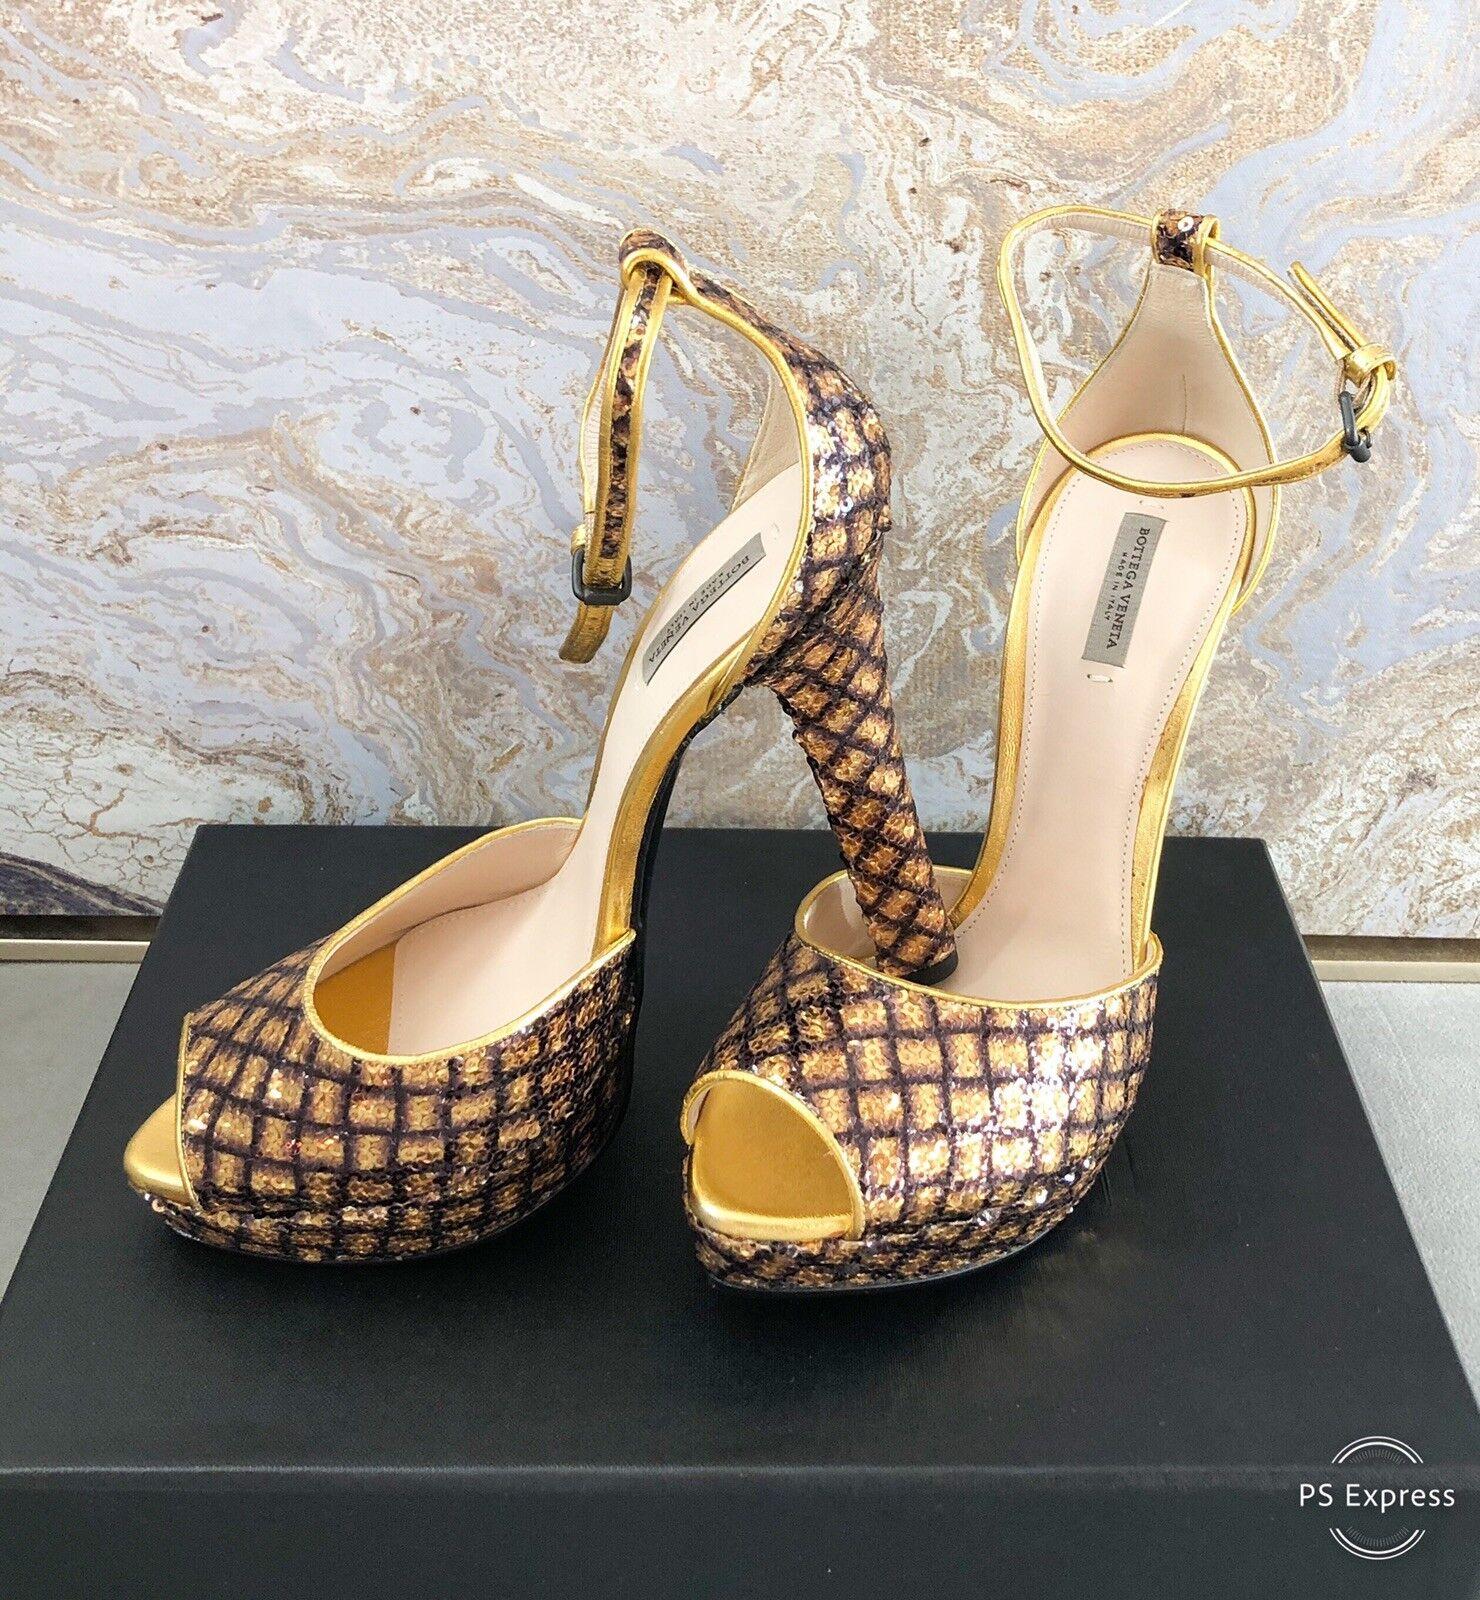 Bottega Veneta Veneta Veneta Sequin Gold Platform Sandals Sz 38 f9e571